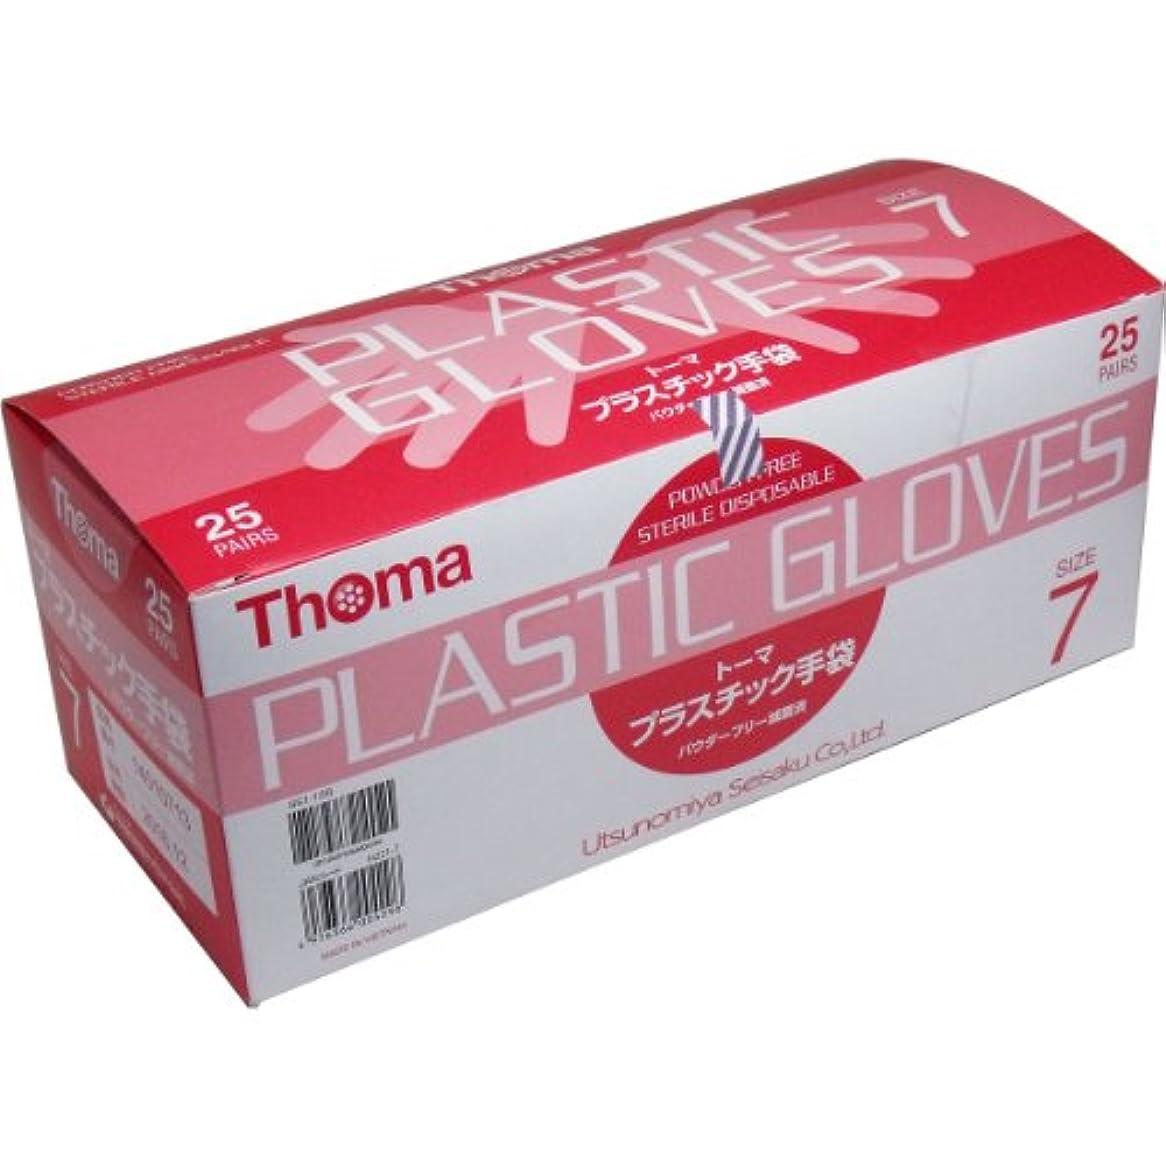 トーマ プラスチック手袋 パウダーフリー 滅菌済 サイズ7 25双入